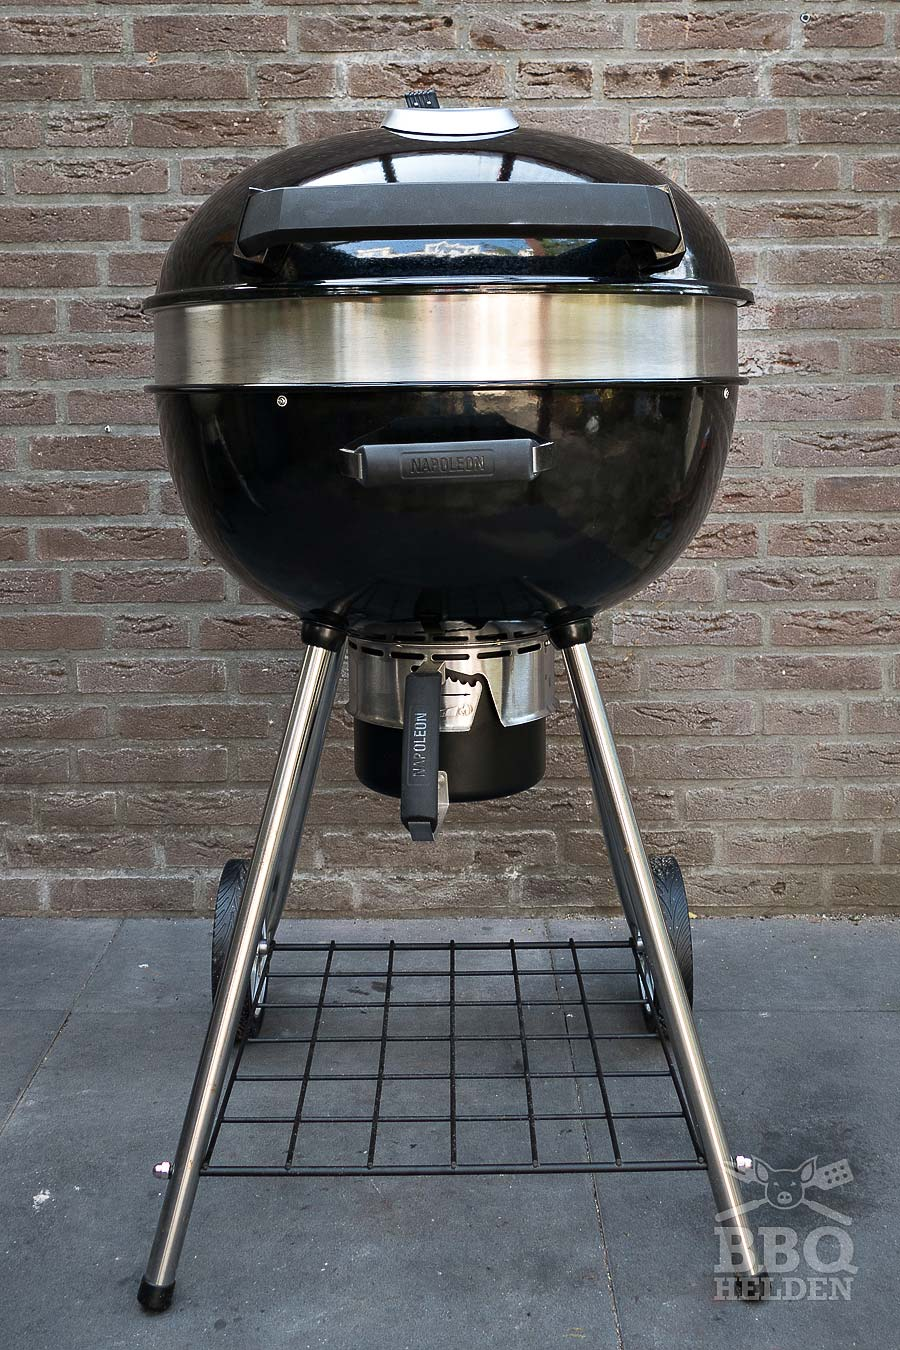 Welke barbecue moet je kopen BBQ helden